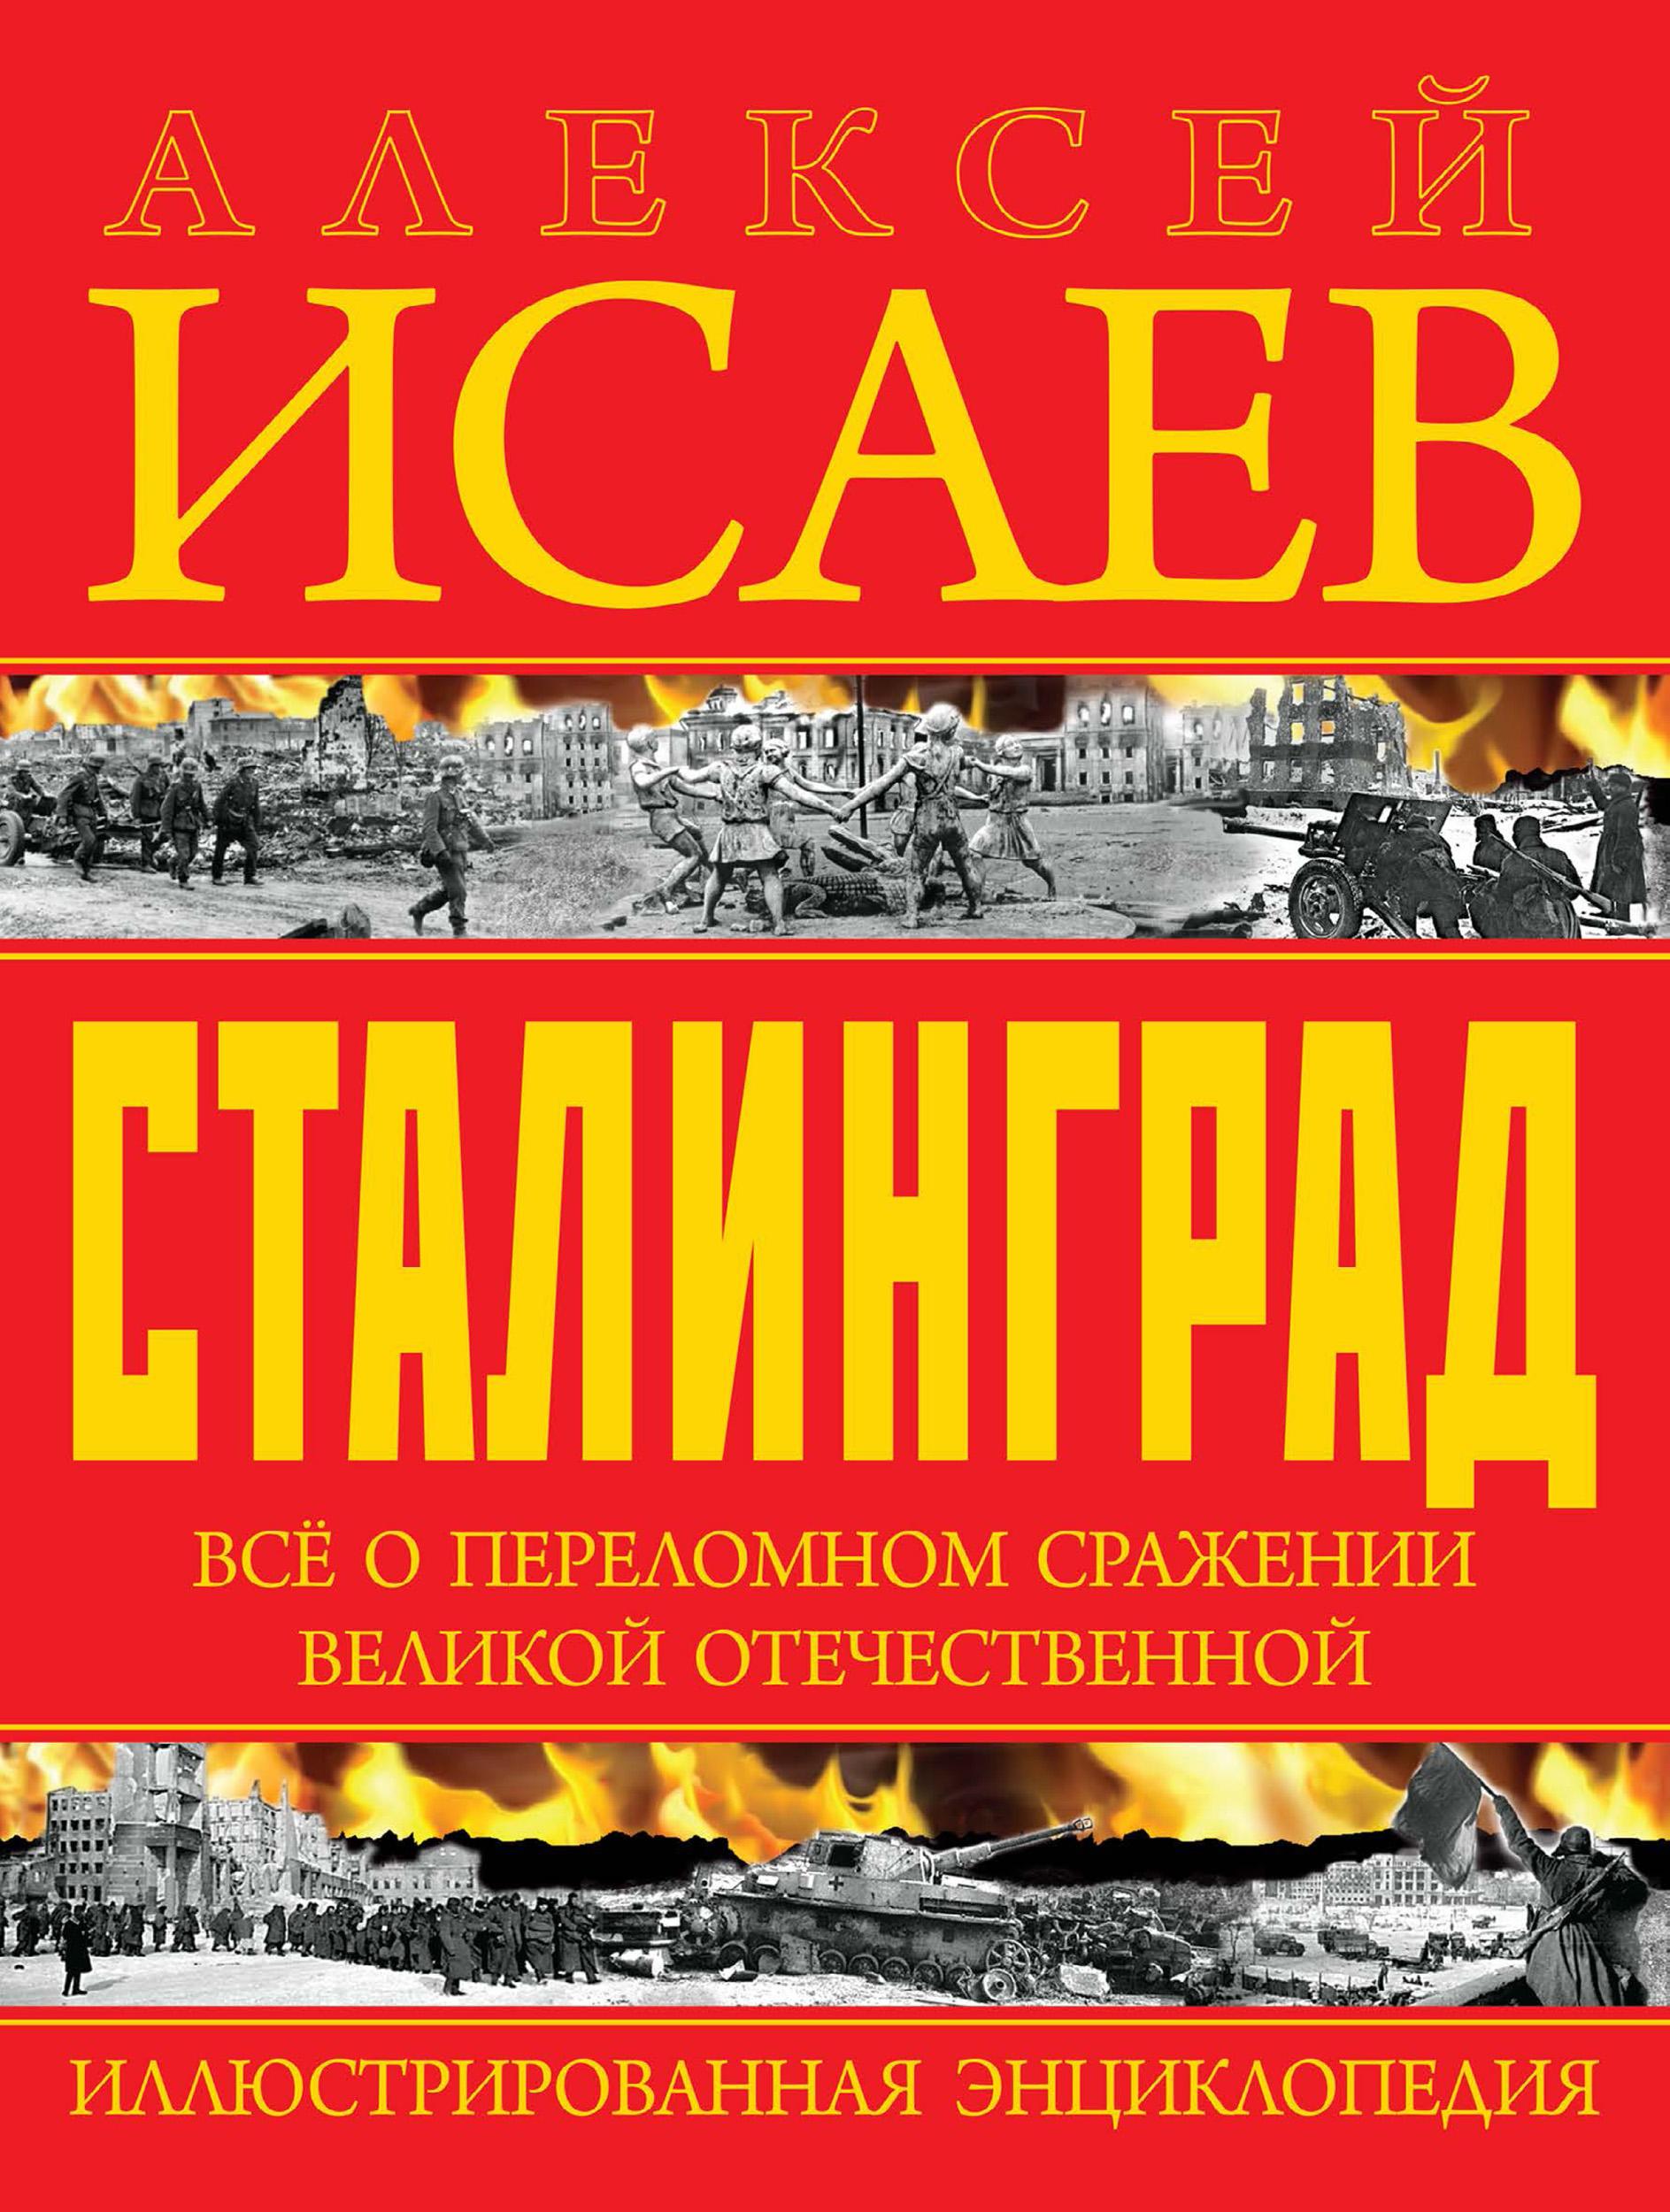 stalingrad illyustrirovannaya entsiklopediya